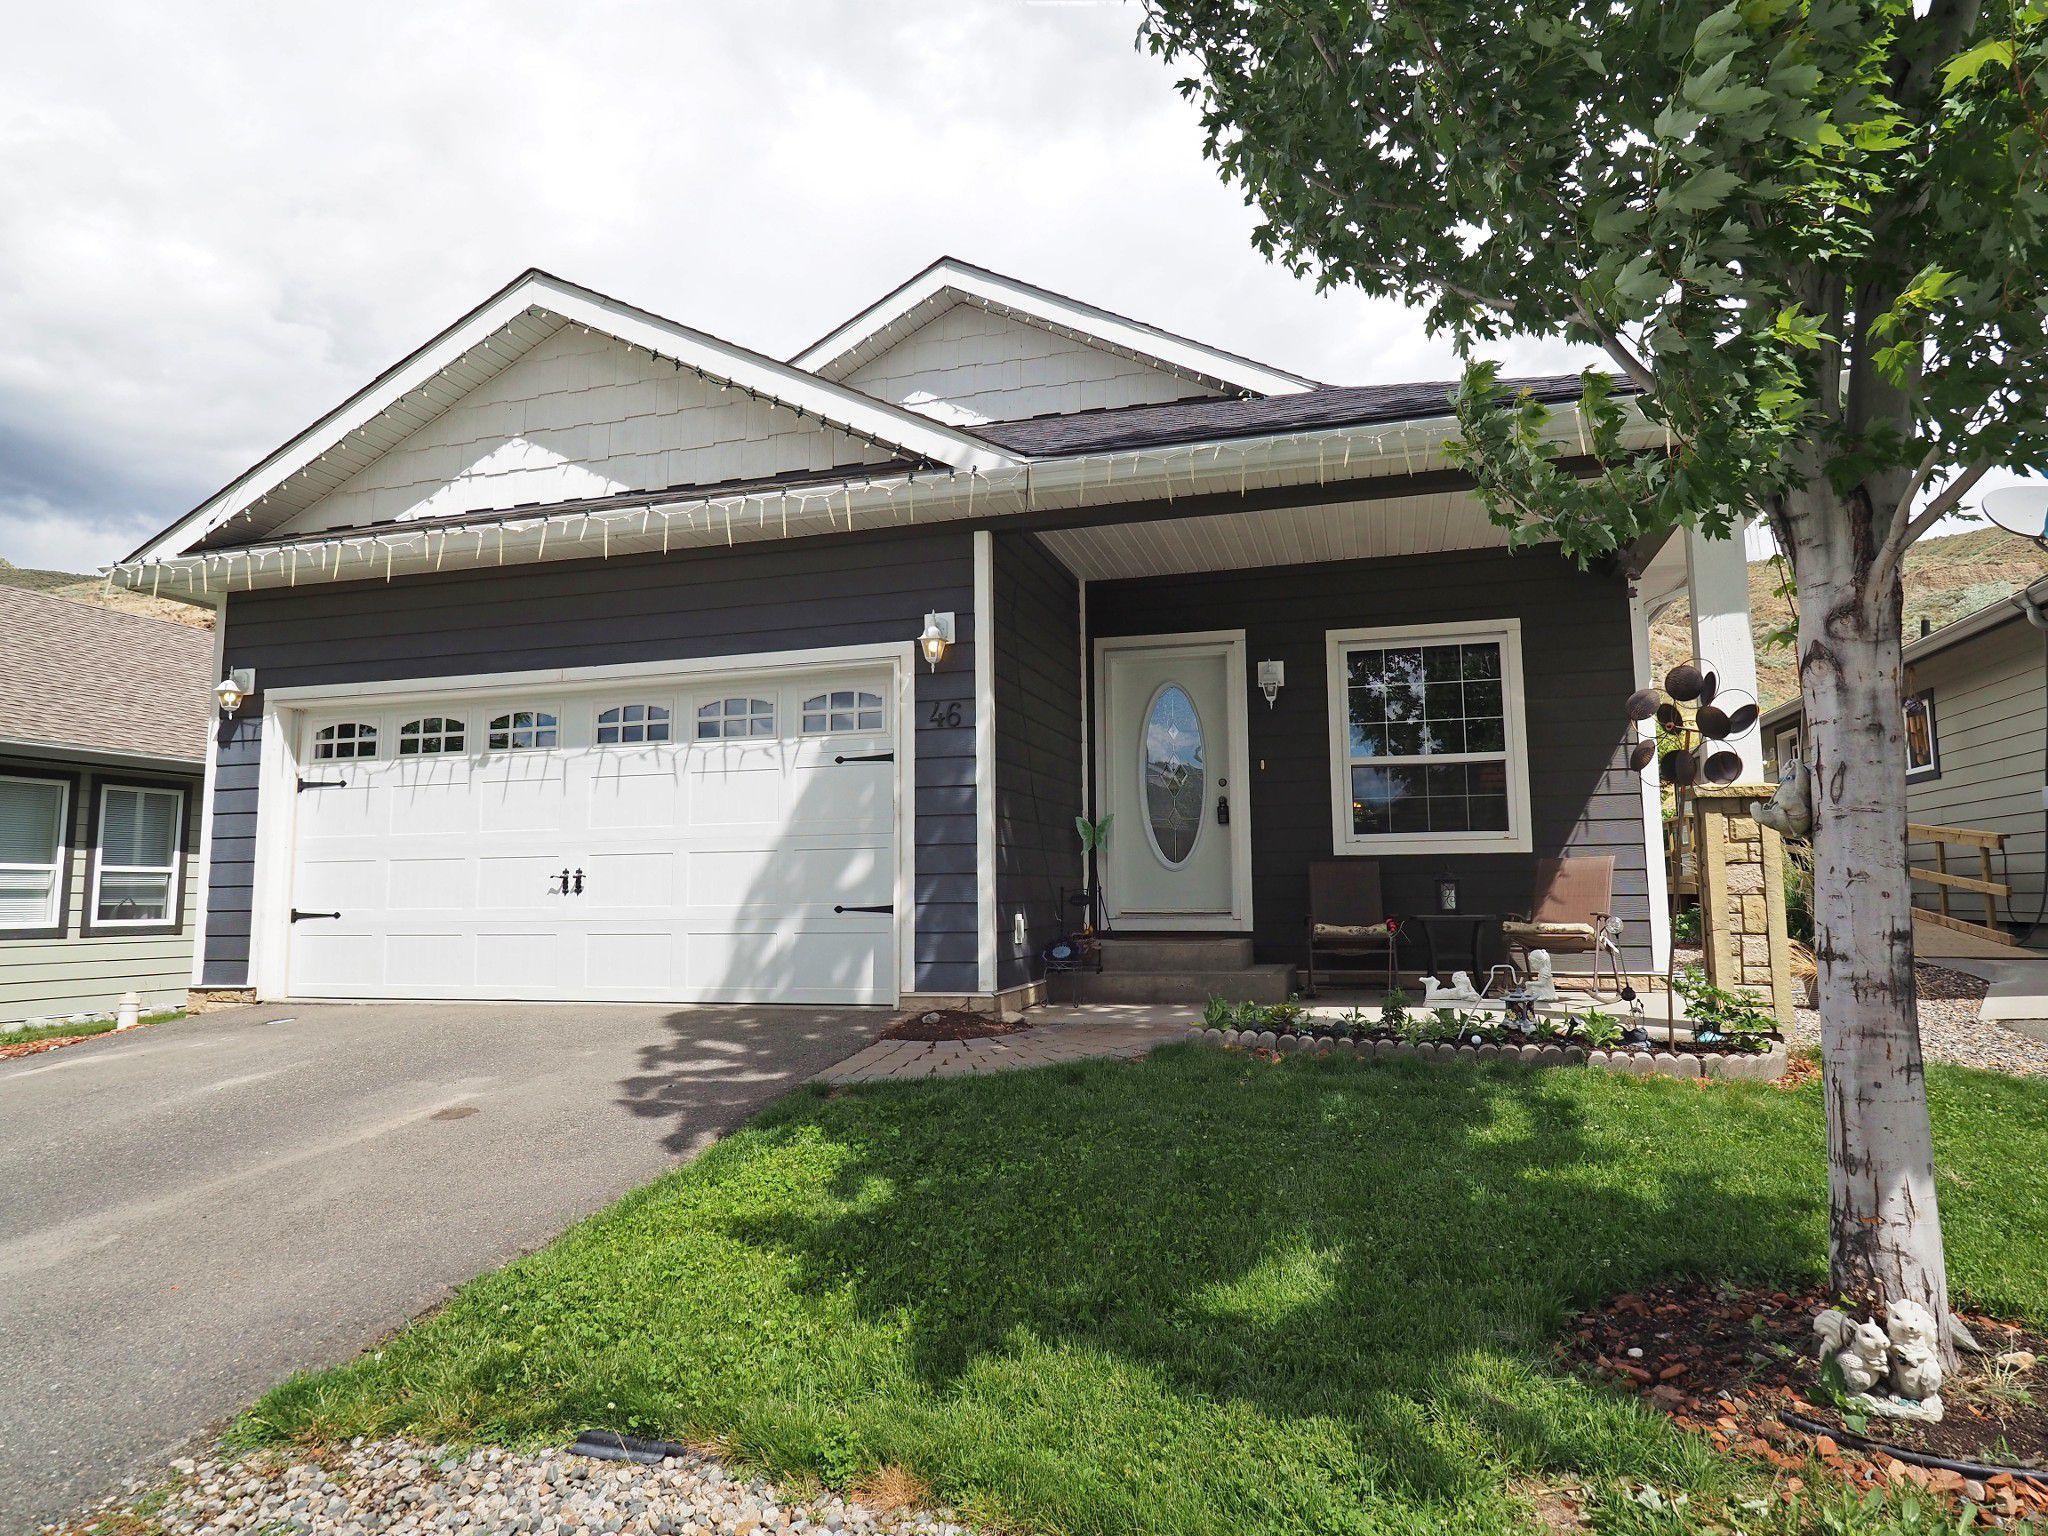 Main Photo: 46 1900 ORD RD in KAMLOOPS: BROCK House for sale : MLS®# 146778